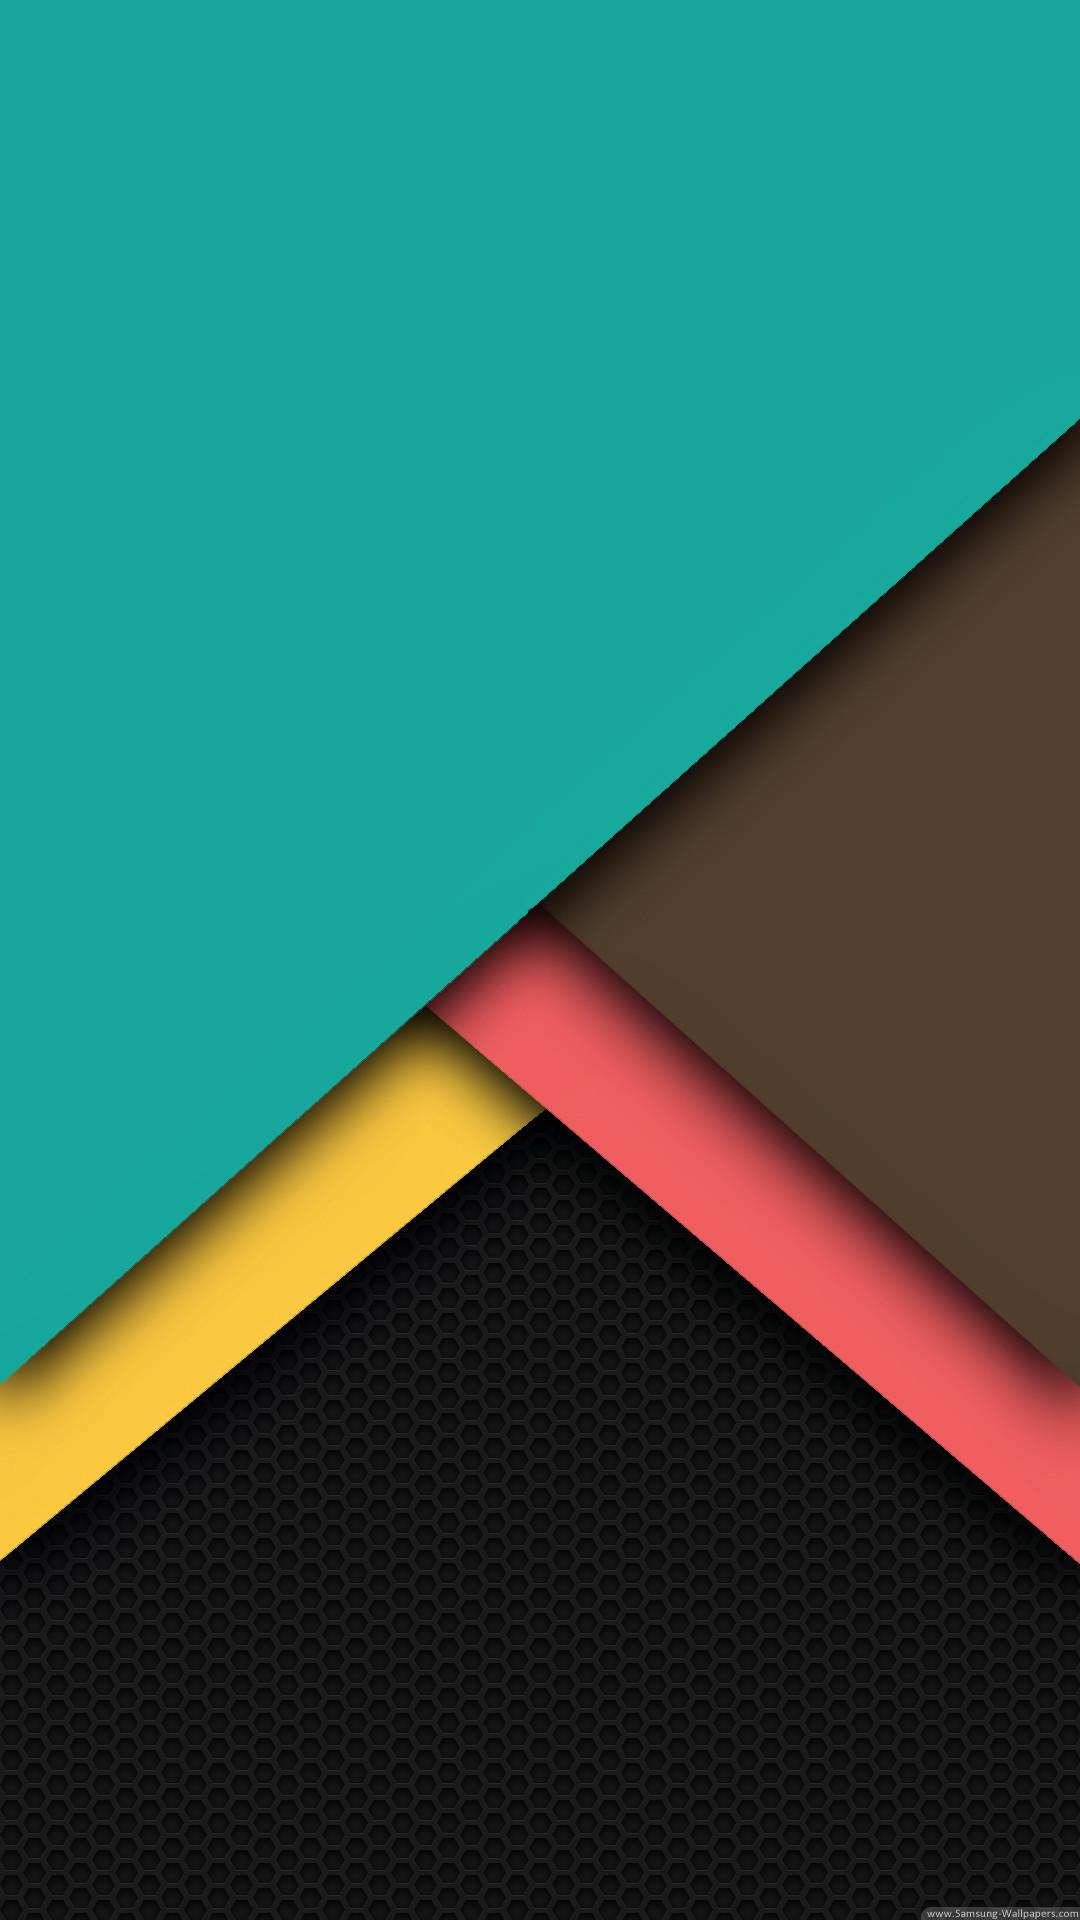 HD Nexus Wallpaper 57 Pictures